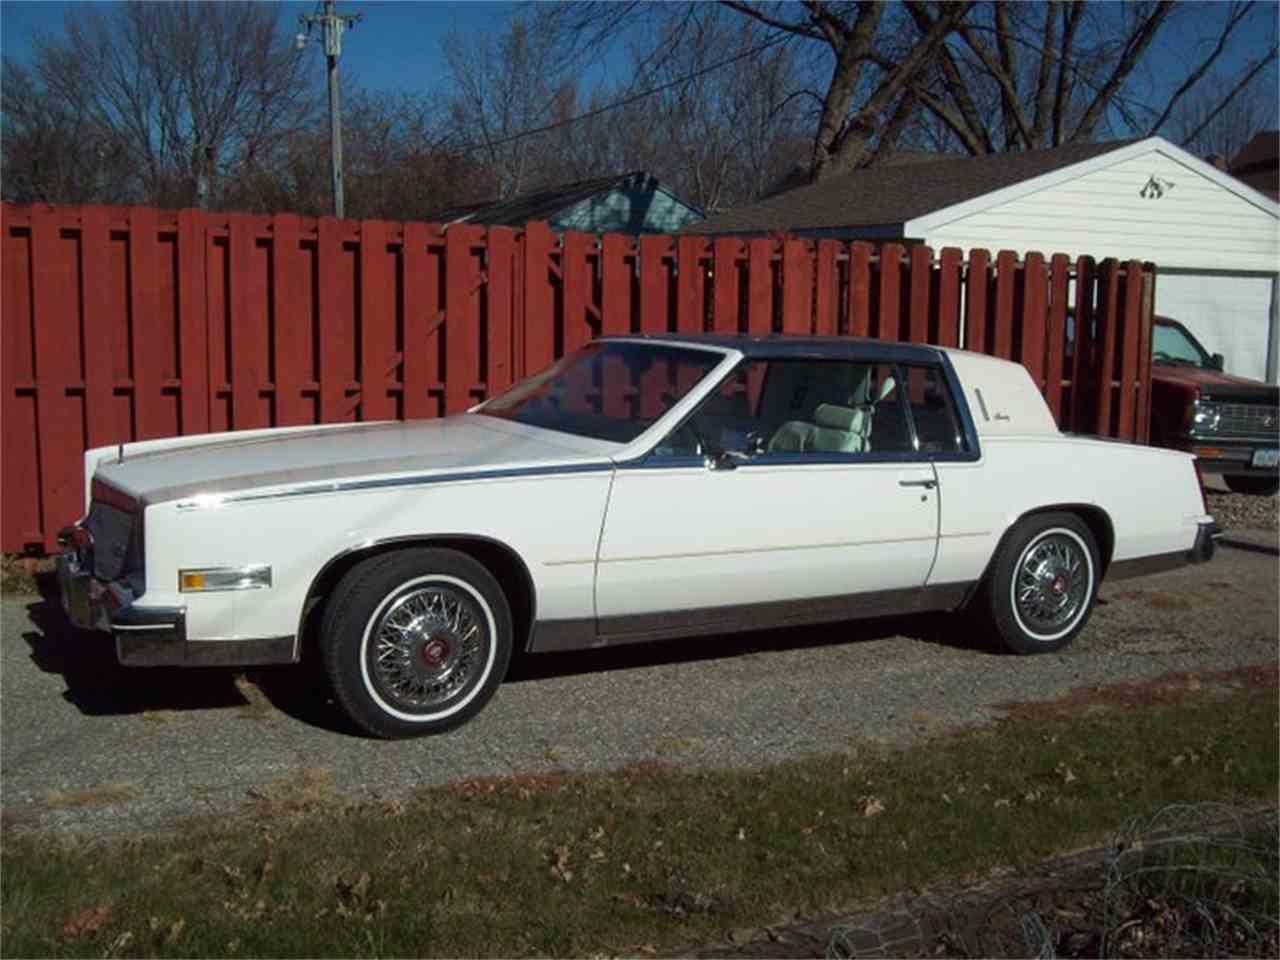 1985 Eldorado Biarritz >> 1985 Cadillac Eldorado Biarritz for Sale   ClassicCars.com   CC-978215